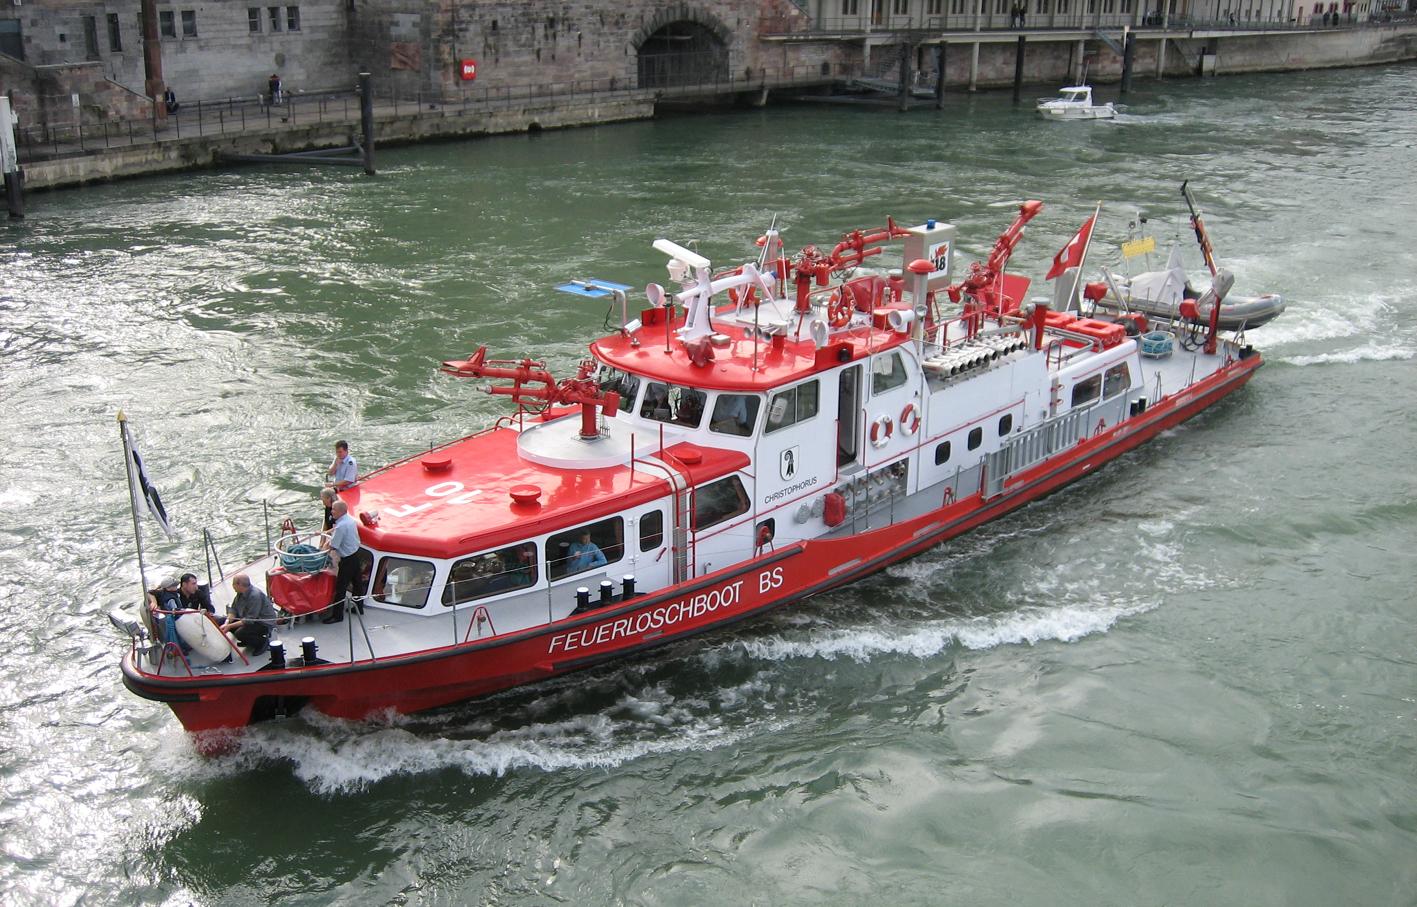 Feuerlöschboot auf dem Rhein in Basel (Schweiz)